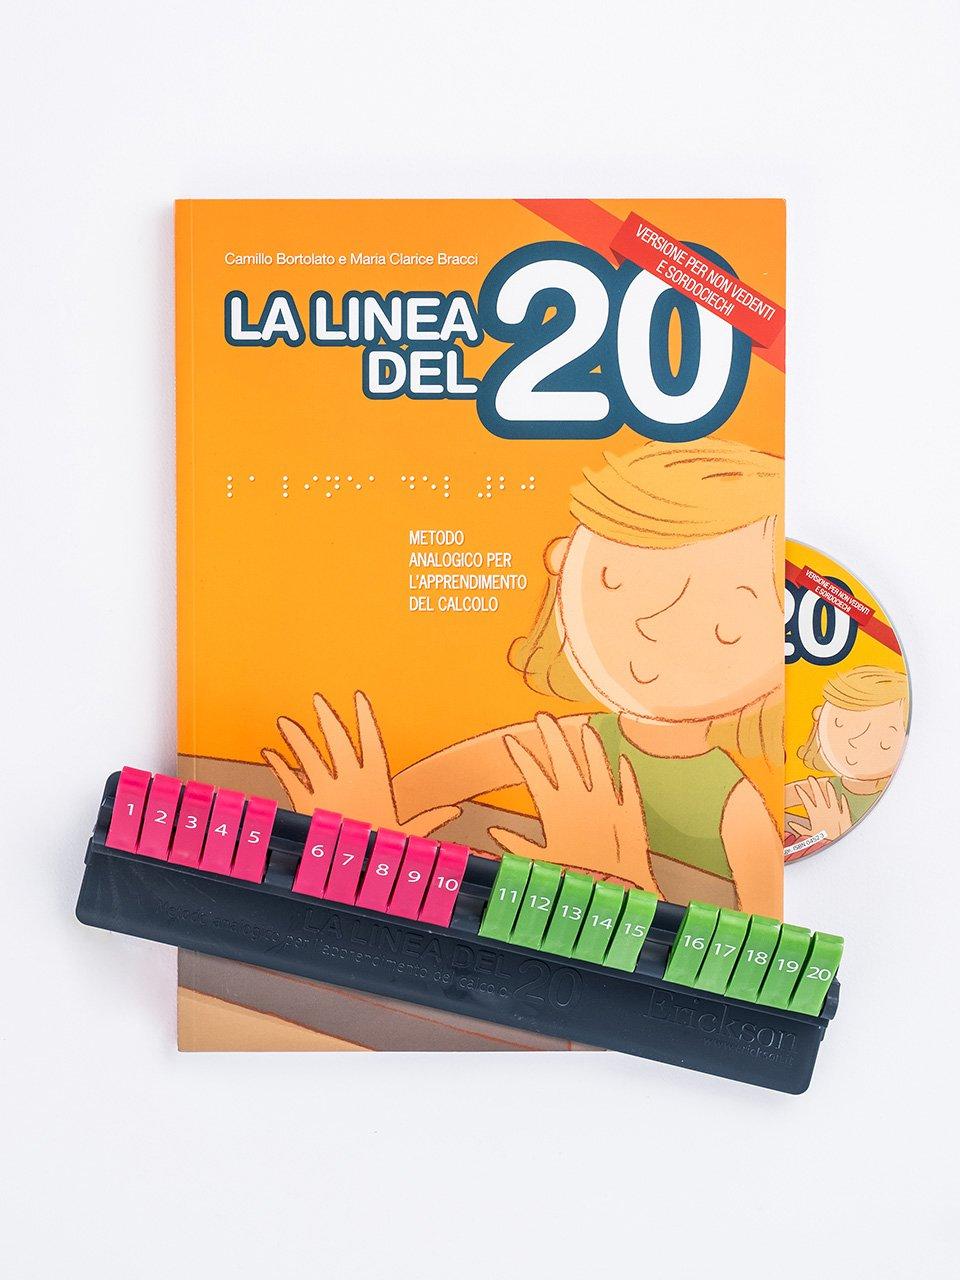 La linea del 20 - Versione per non vedenti e sordociechi - La linea del 20 - Libri - Strumenti - Erickson